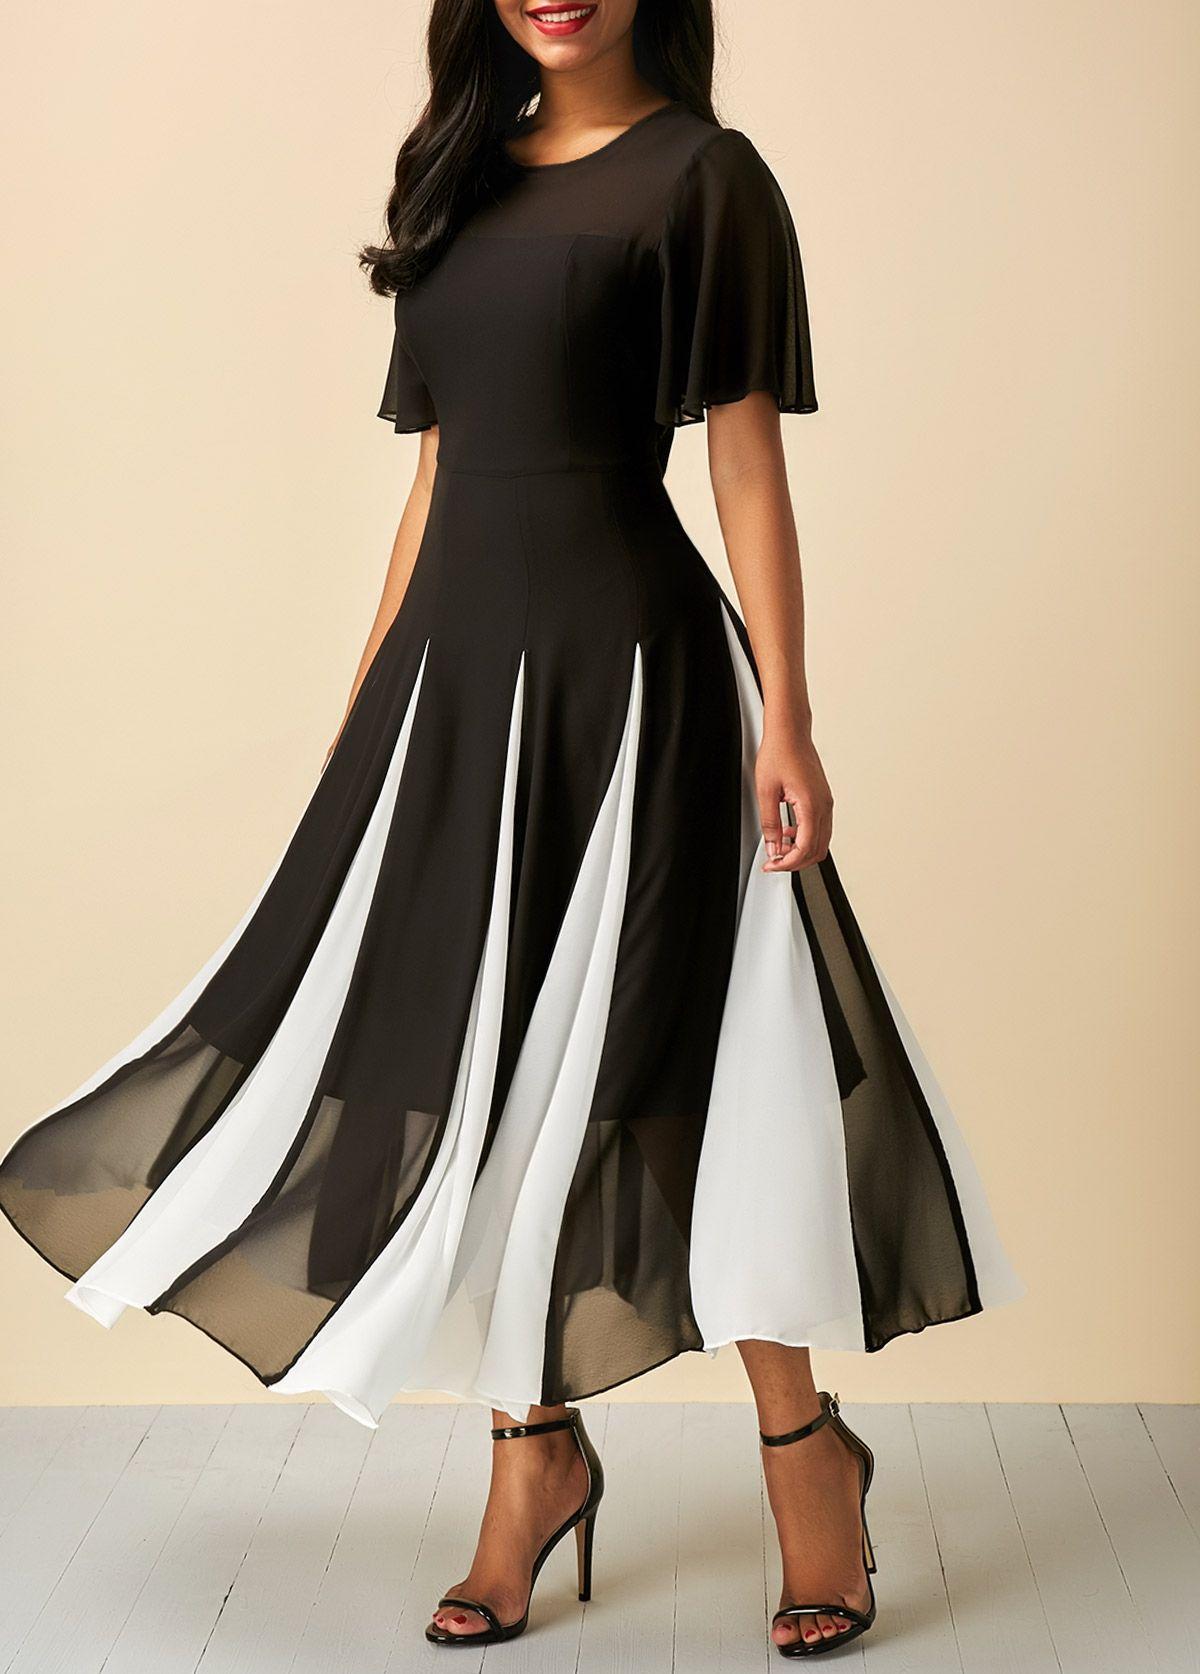 Patchwork short sleeve round neck dress satın alınacak şeyler